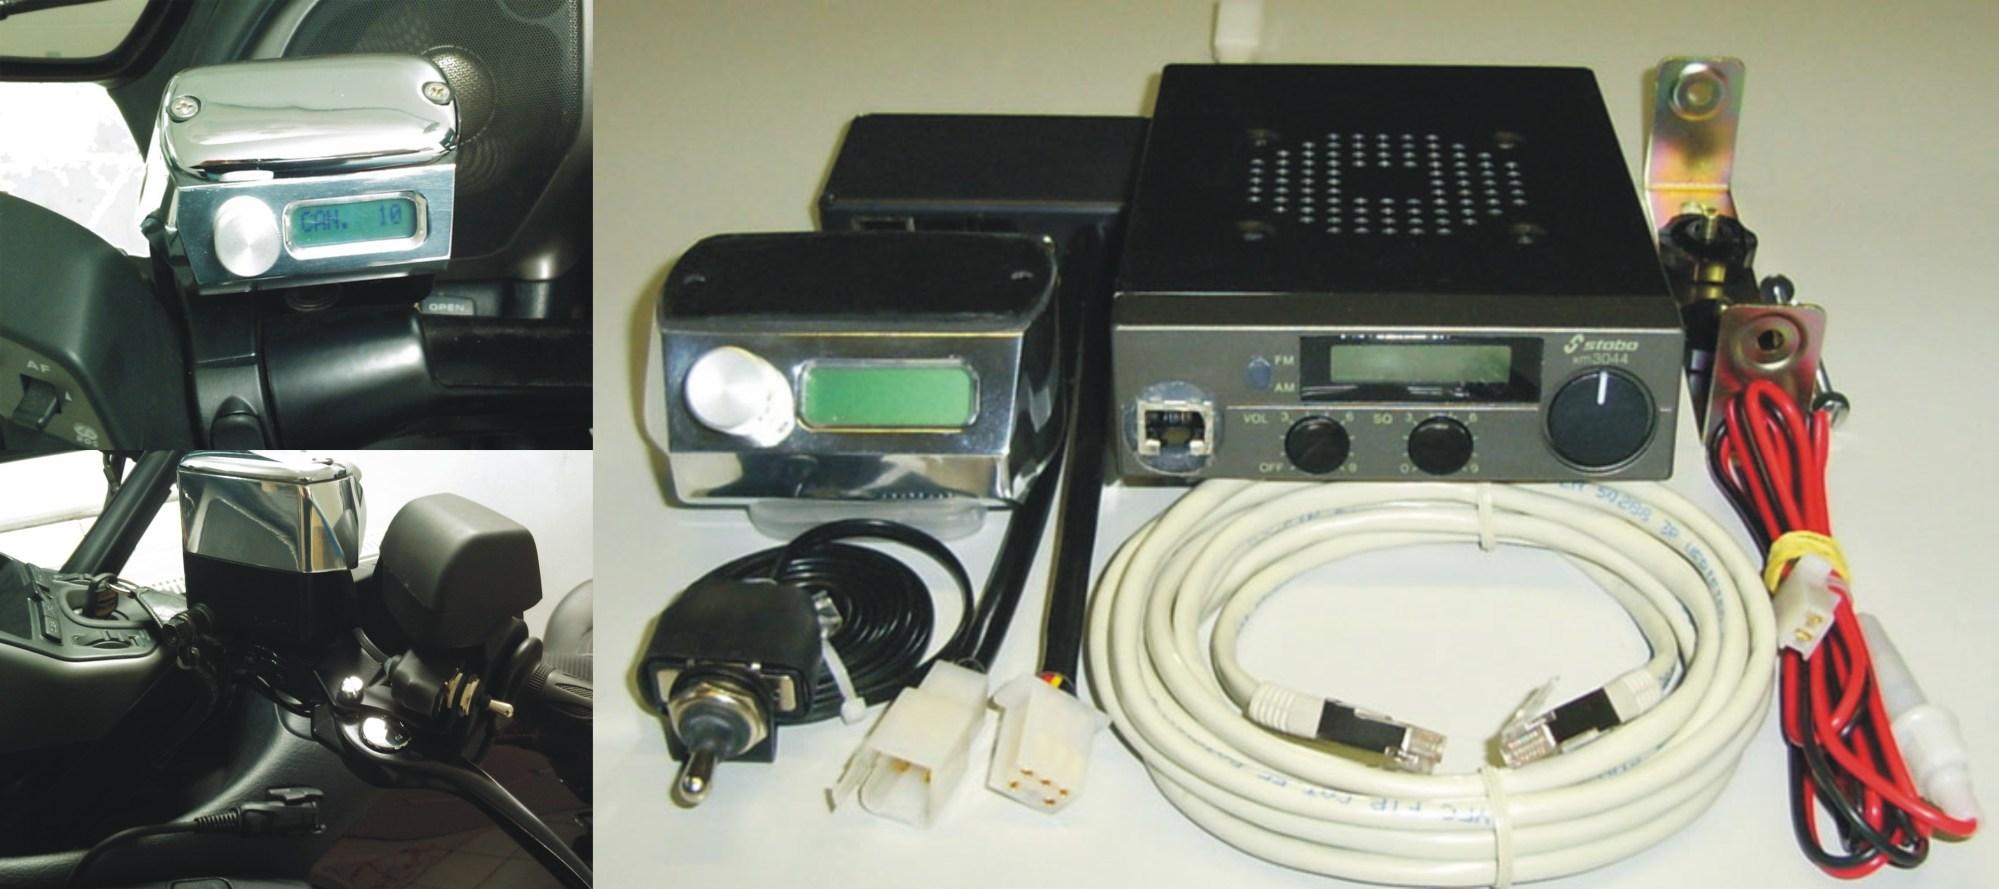 hight resolution of harman kardon harley davidson radio wiring diagram images radio wiring diagram harley davidson tachometer wiring diagram